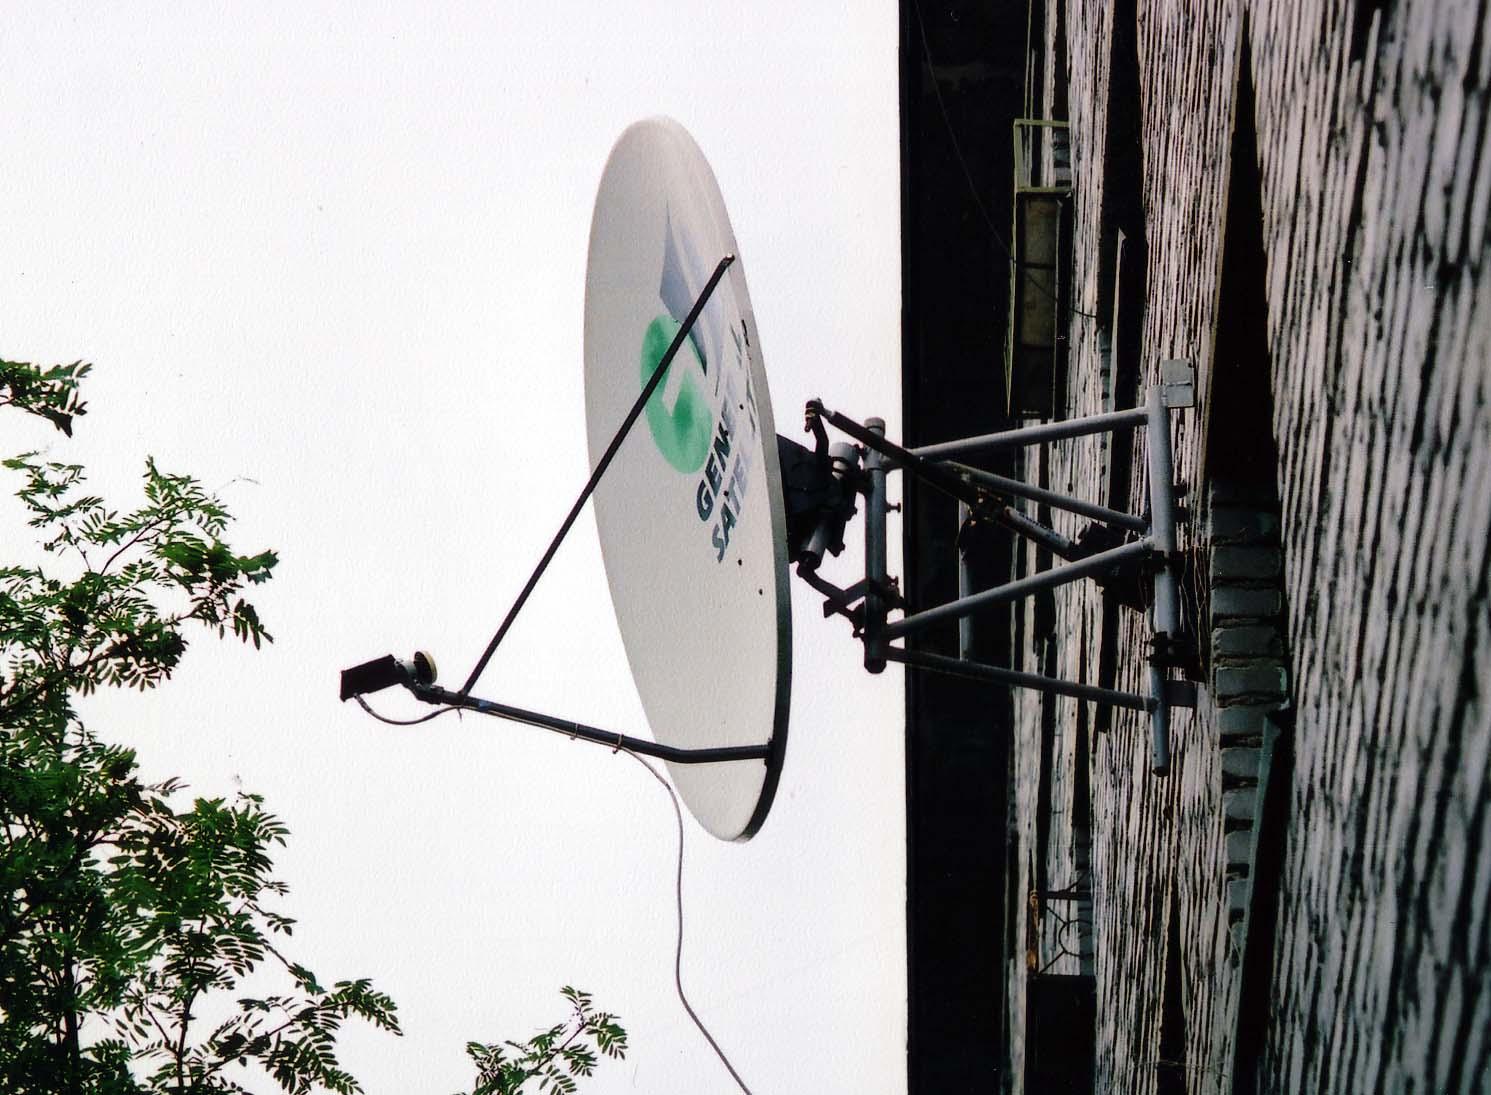 Как самому сделать спутниковую антенну Cпутниковая антенна 34